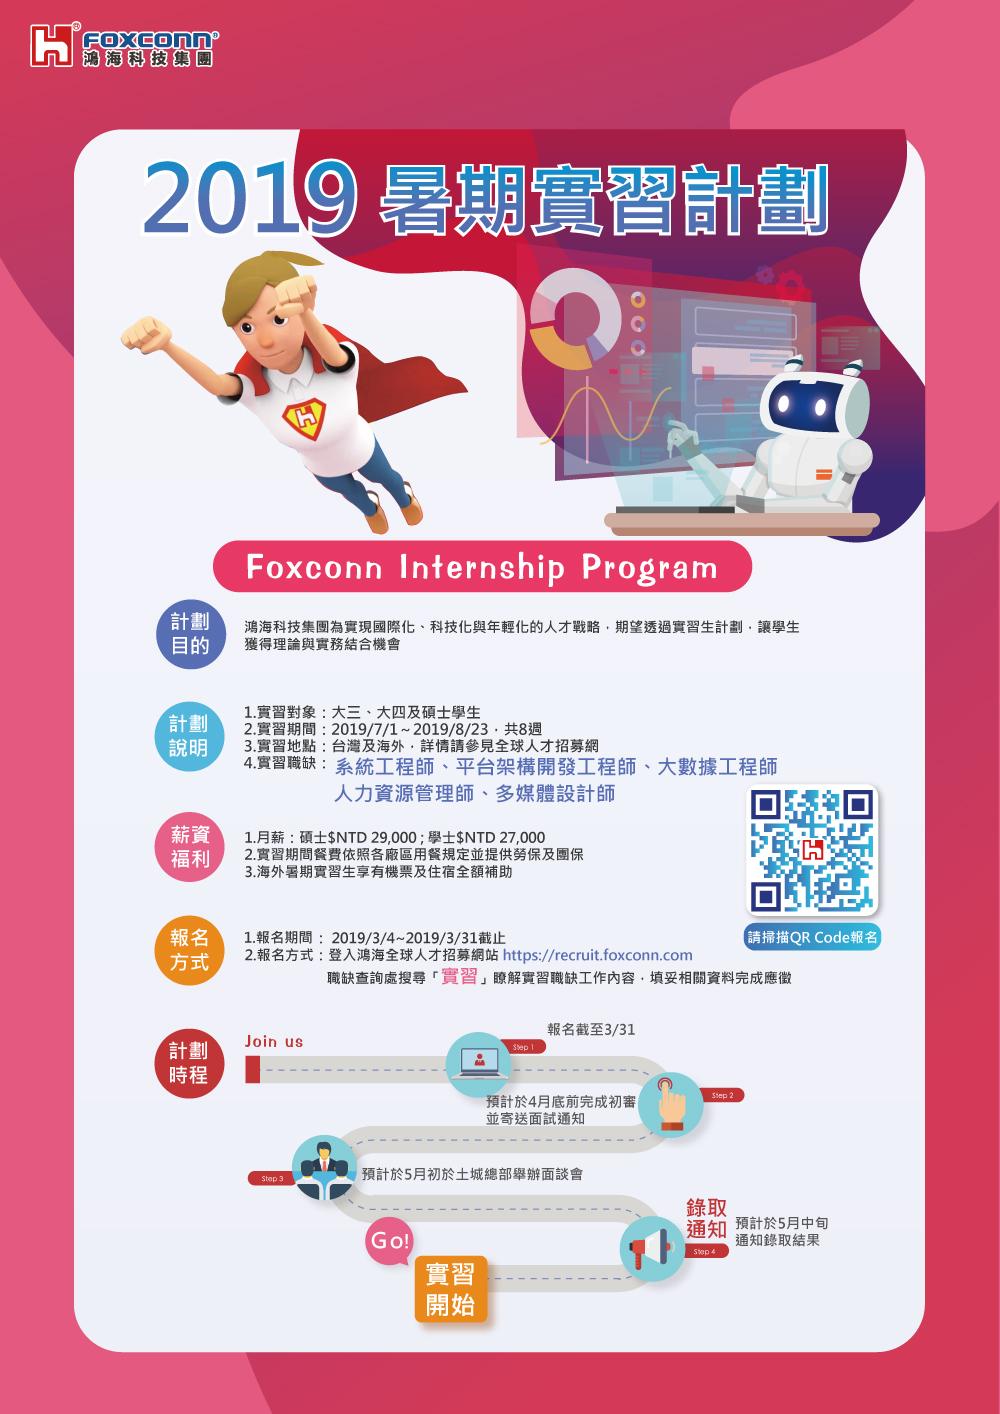 鴻海科技集團:2019年AI人才招募與暑期實習計劃